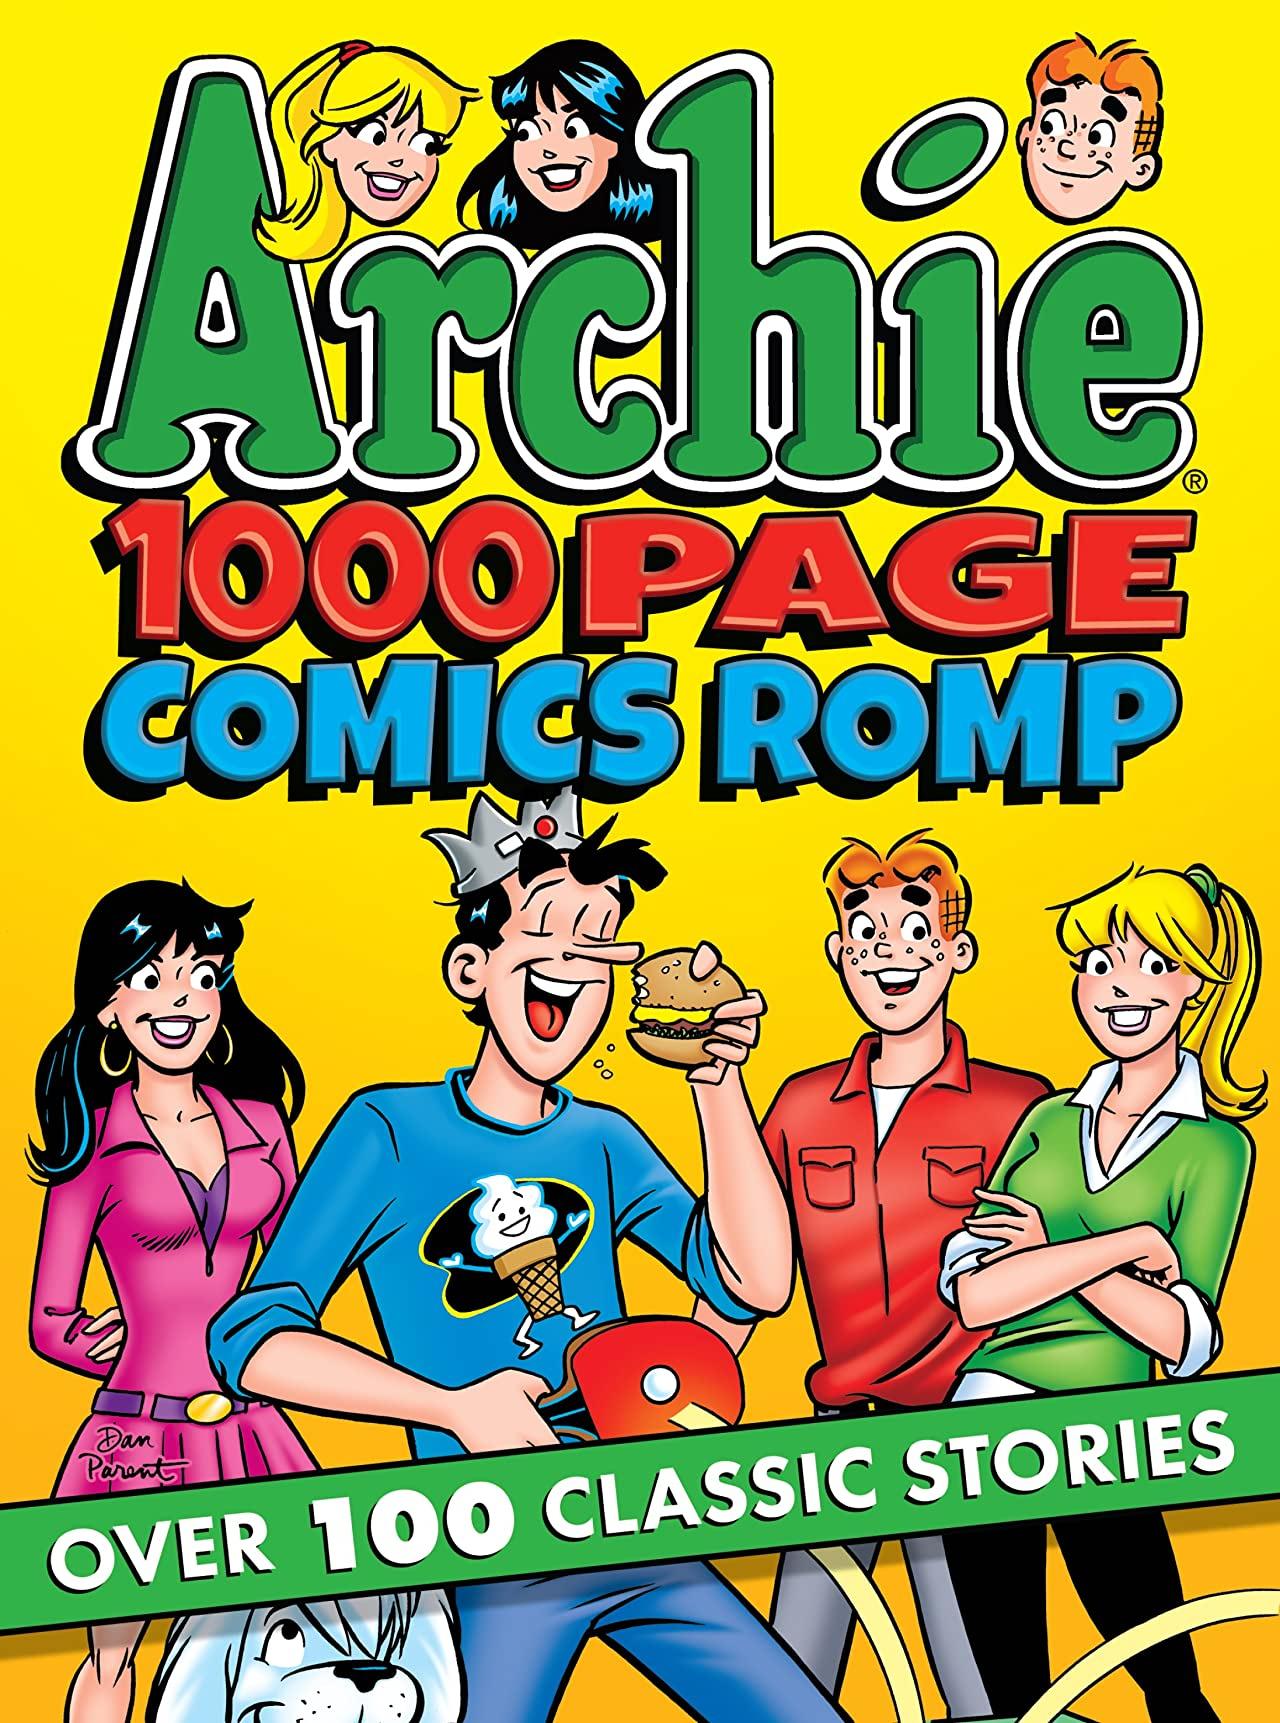 Archie 1000 Page Comics Romp (Archie 1000 Page Comics, #19)